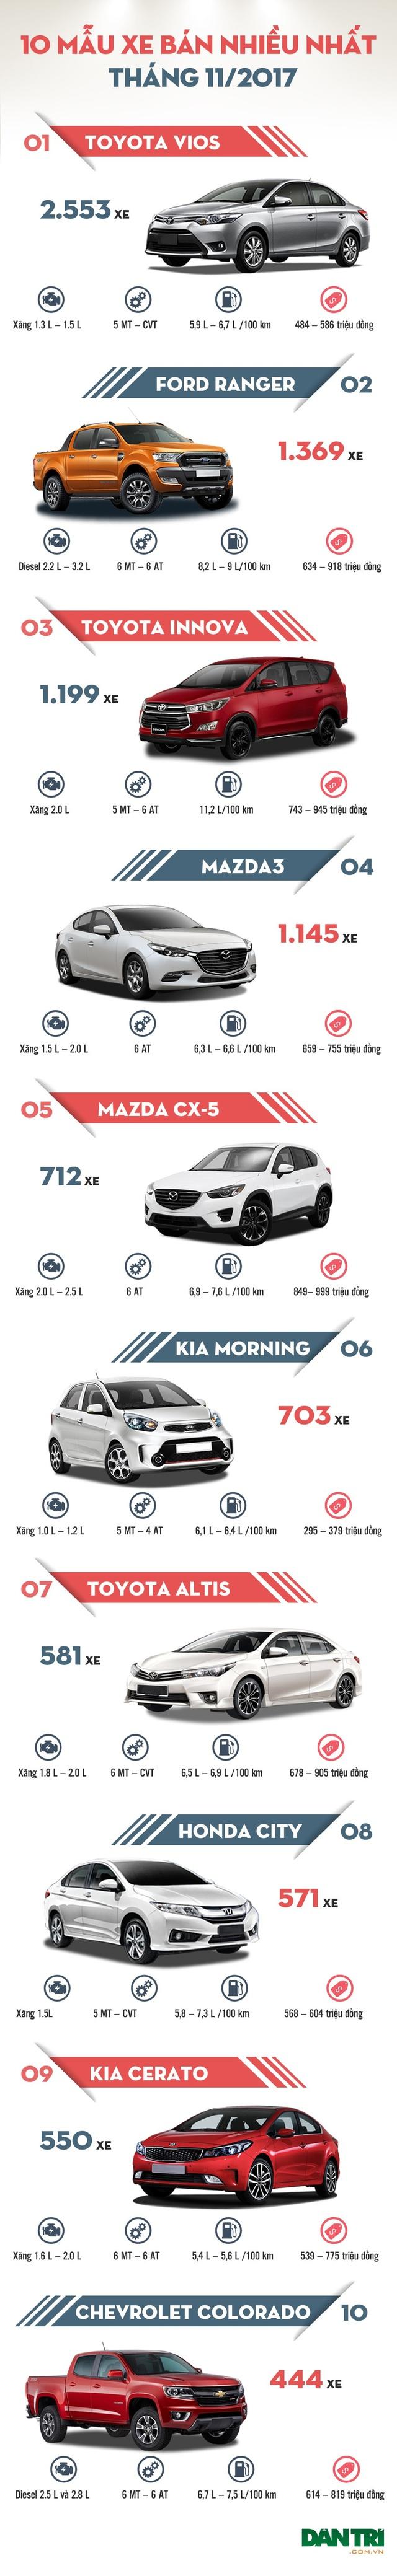 Top 10 mẫu xe bán nhiều tháng 11/2017 - 1